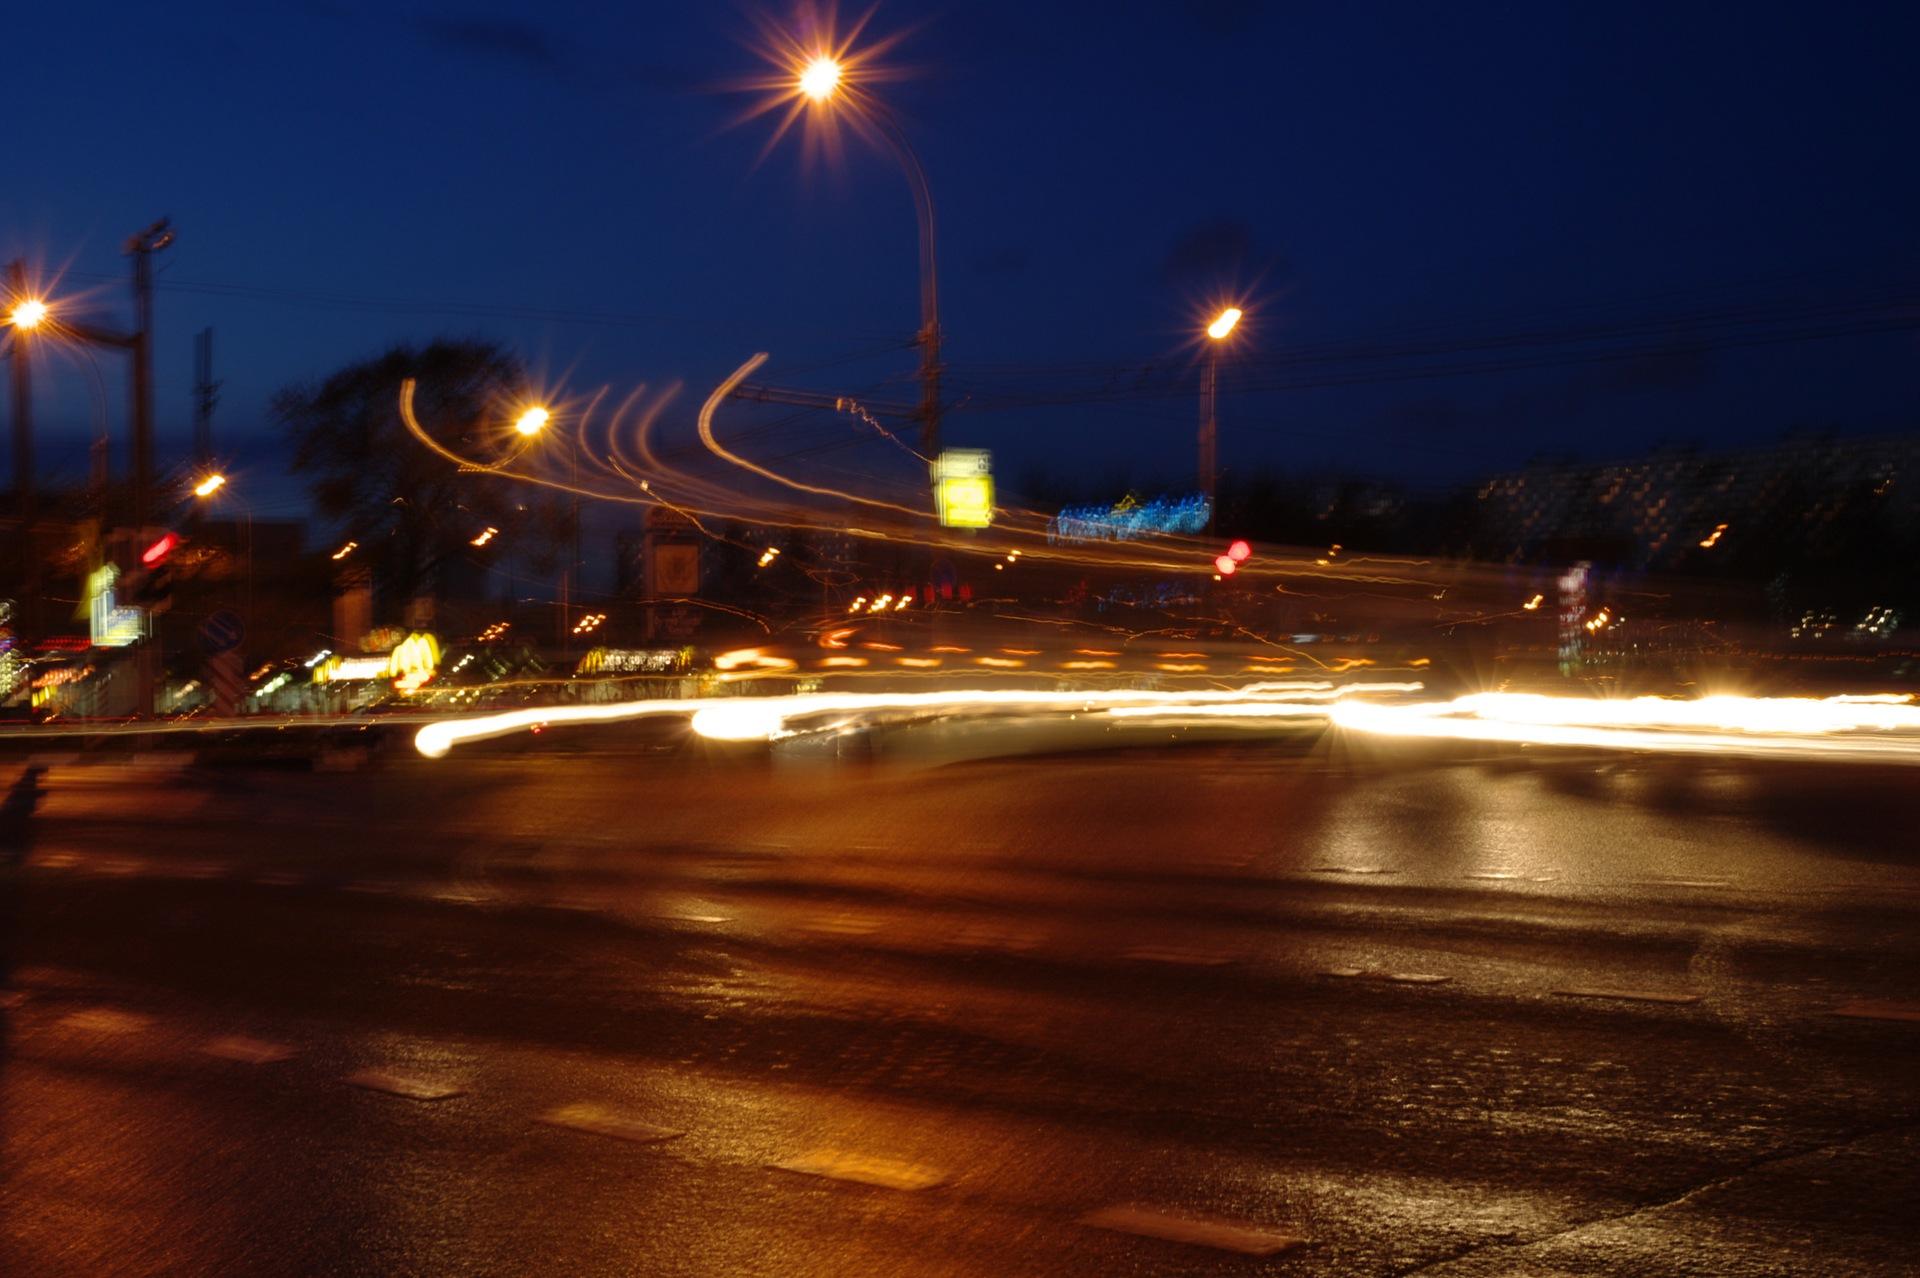 представляет себя как делать ночные фотографии найти определенного пользователя